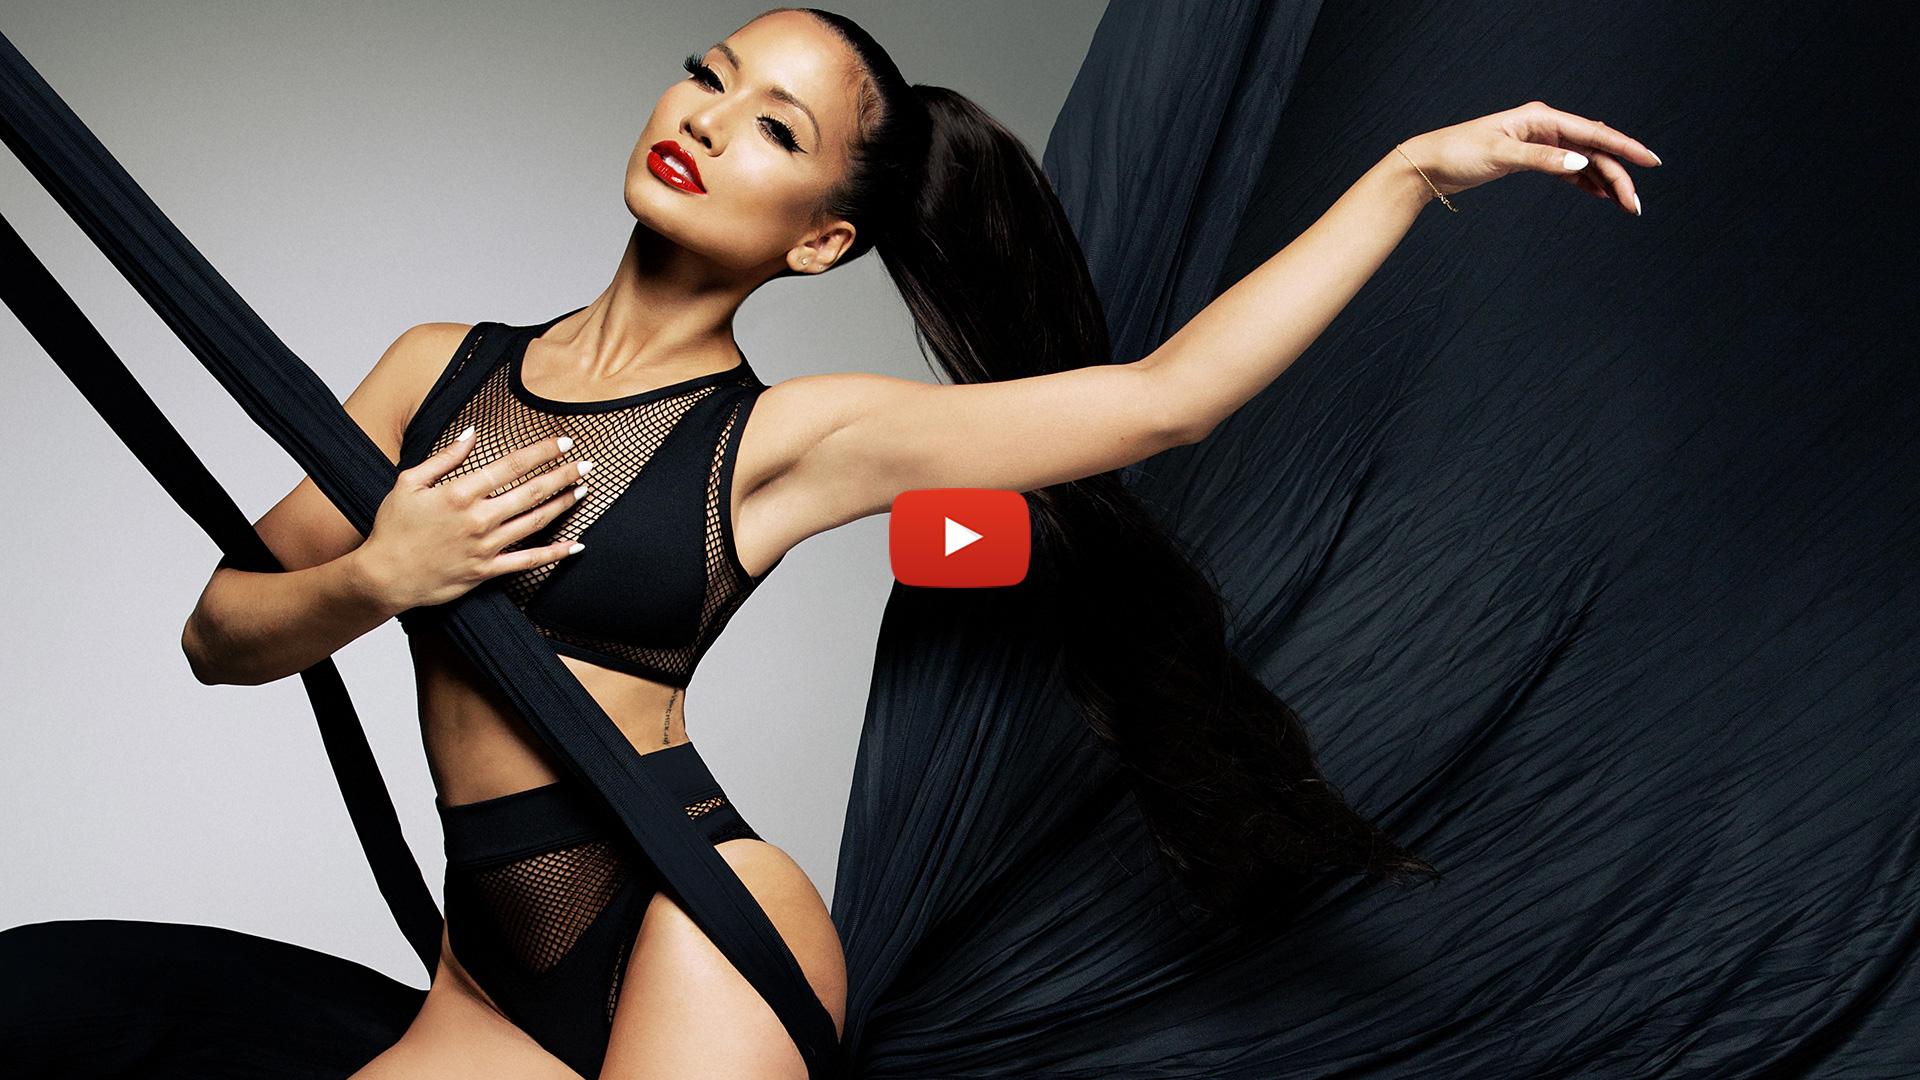 Jessi Malay music videos